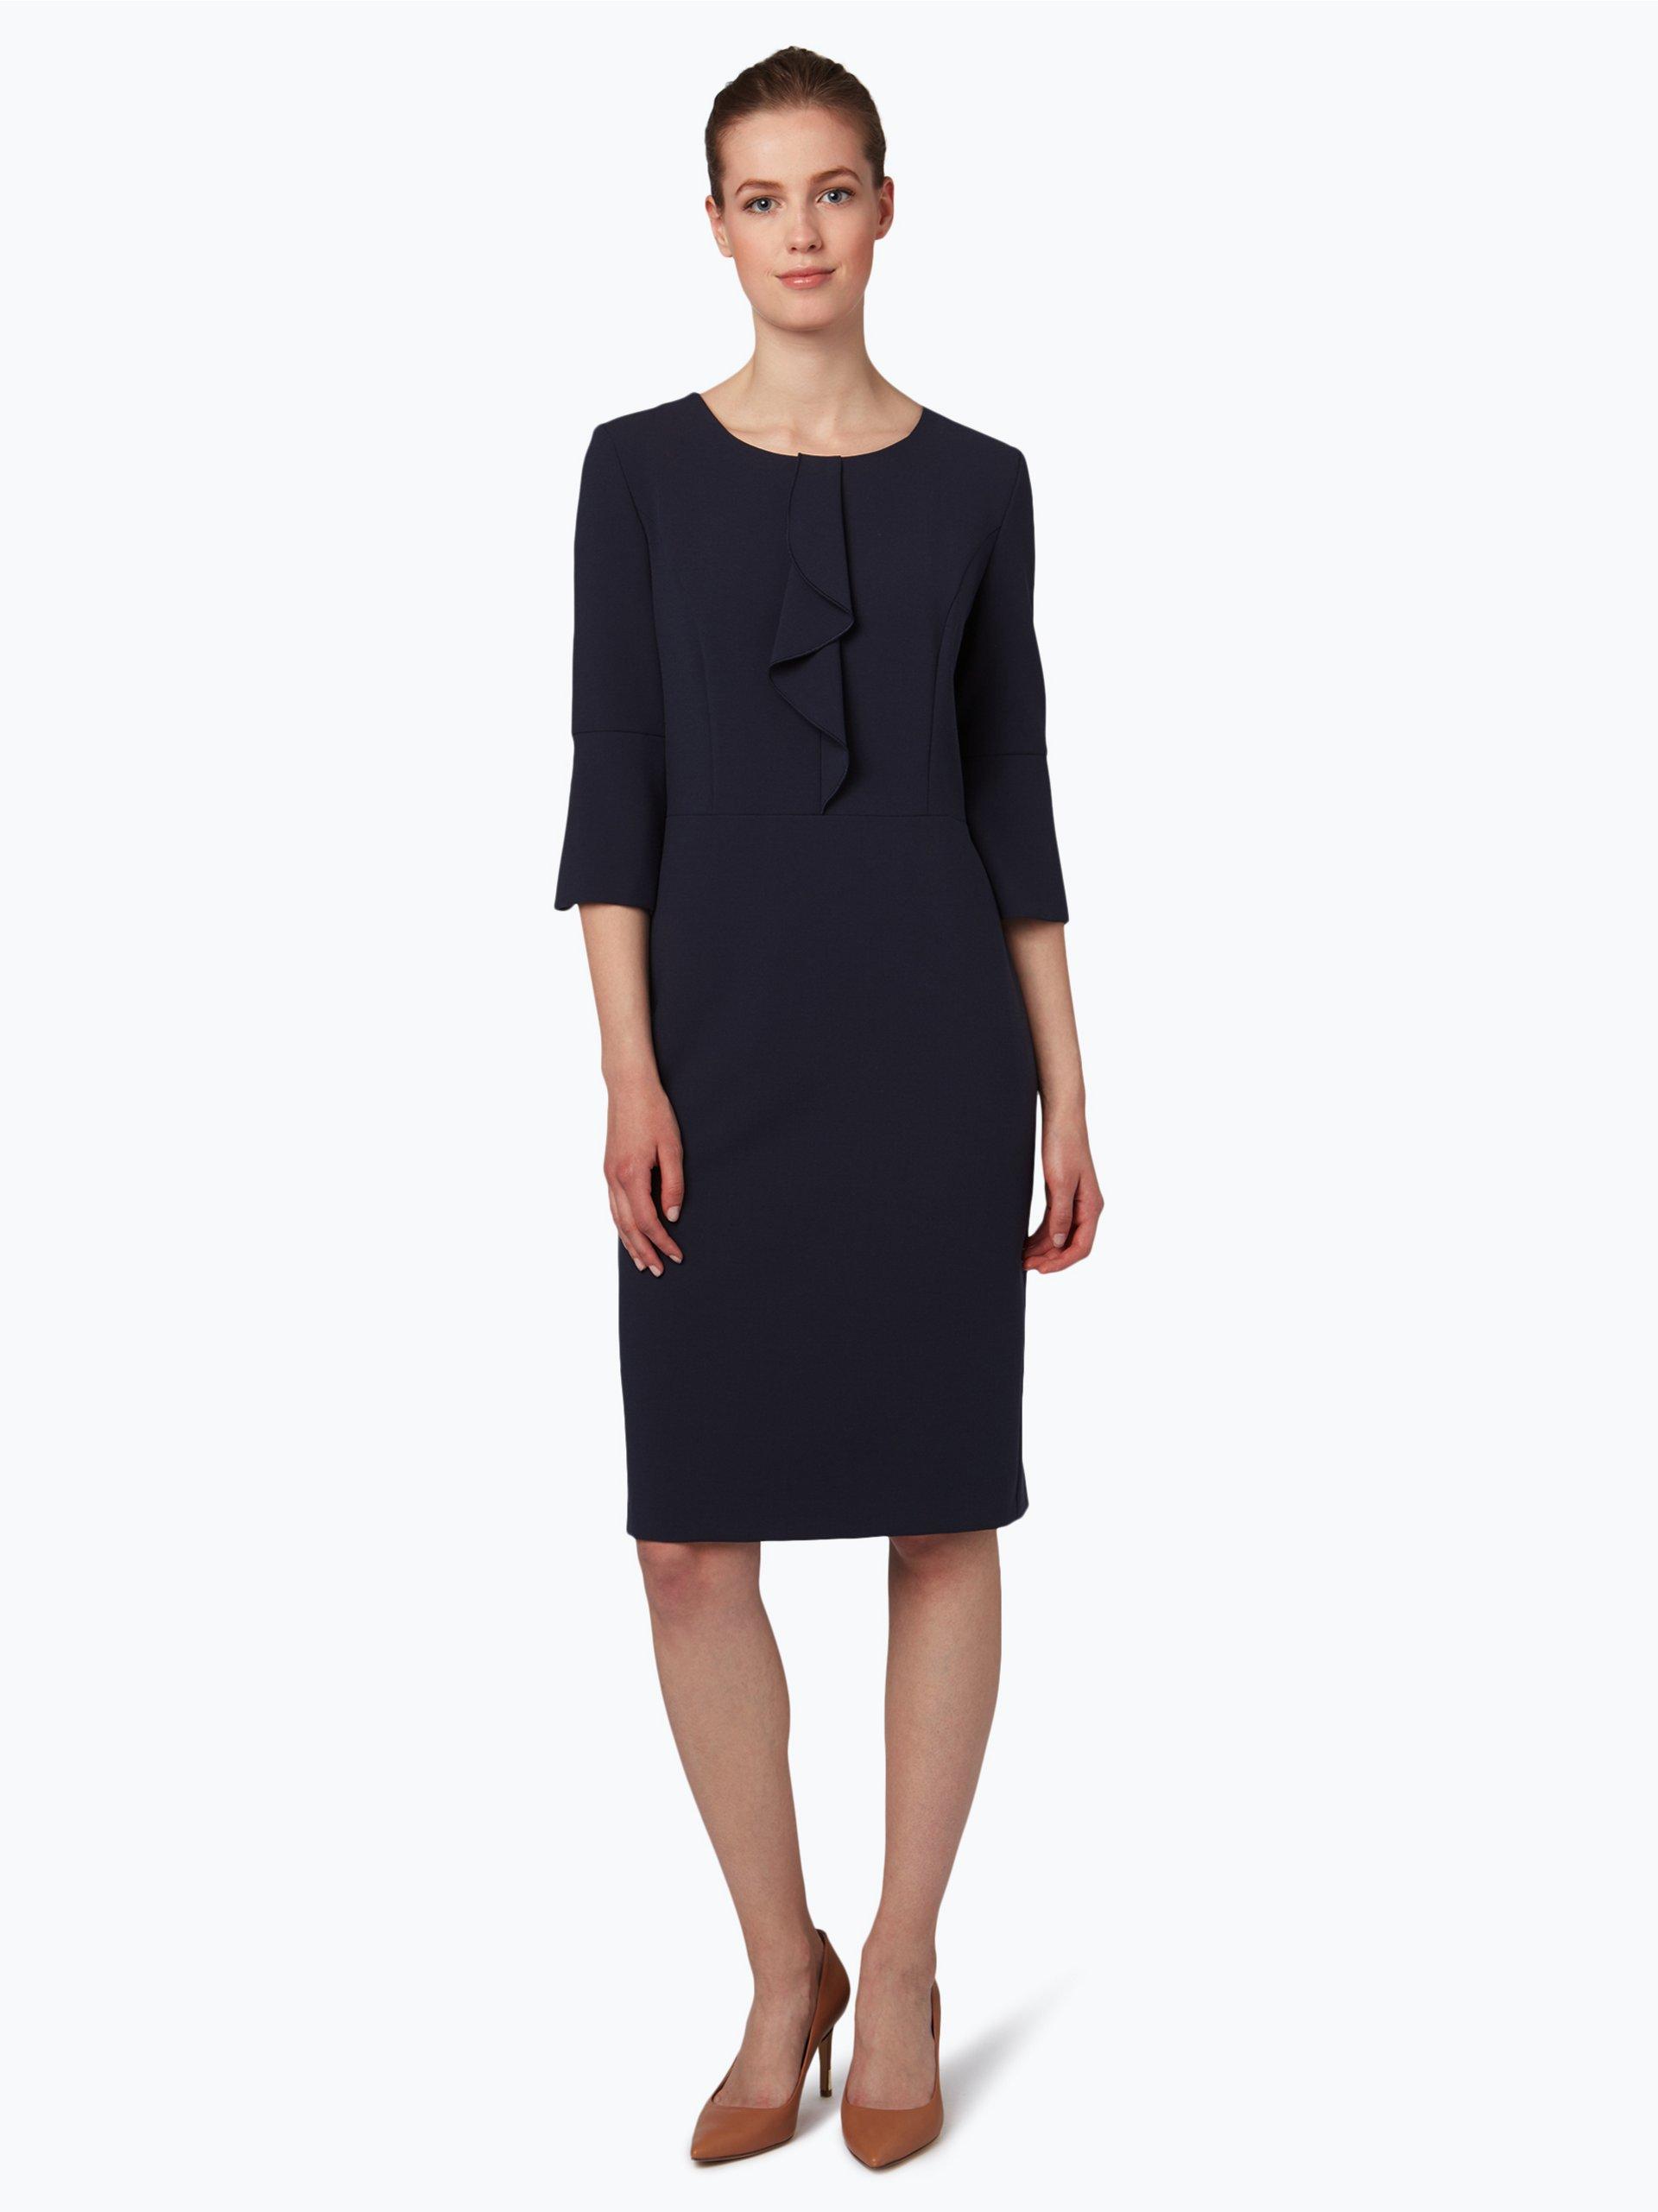 Gerry Weber Damen Kleid - Nautic Breeze Trend online ...